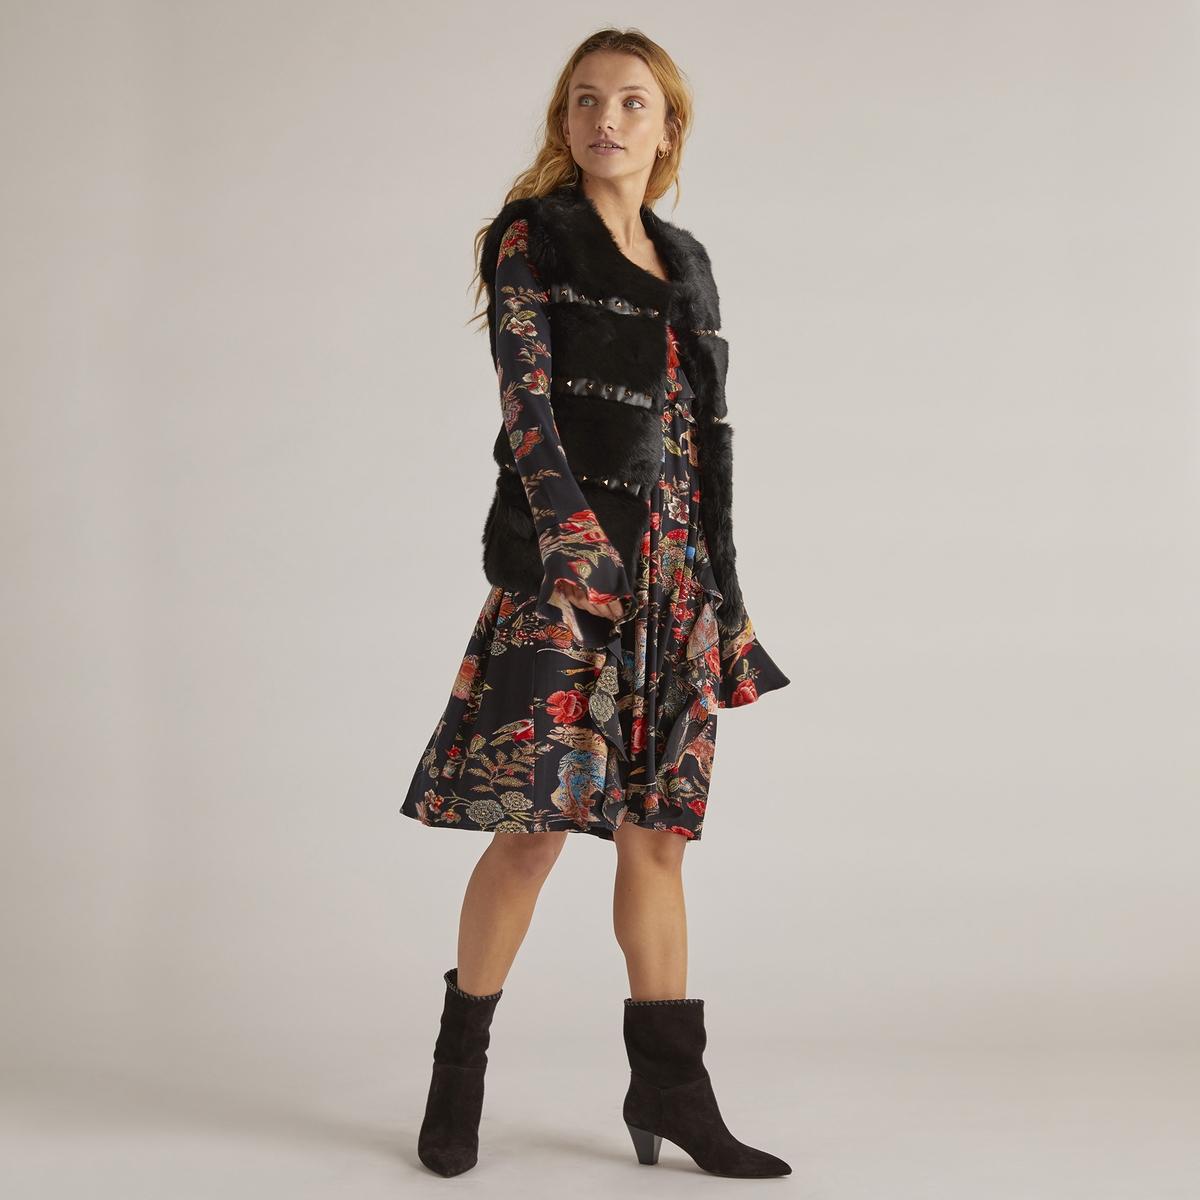 Платье расклешённое с цветочным рисунком, длина 3/4 платье укороченное расклешённое с рисунком рукава 3 4